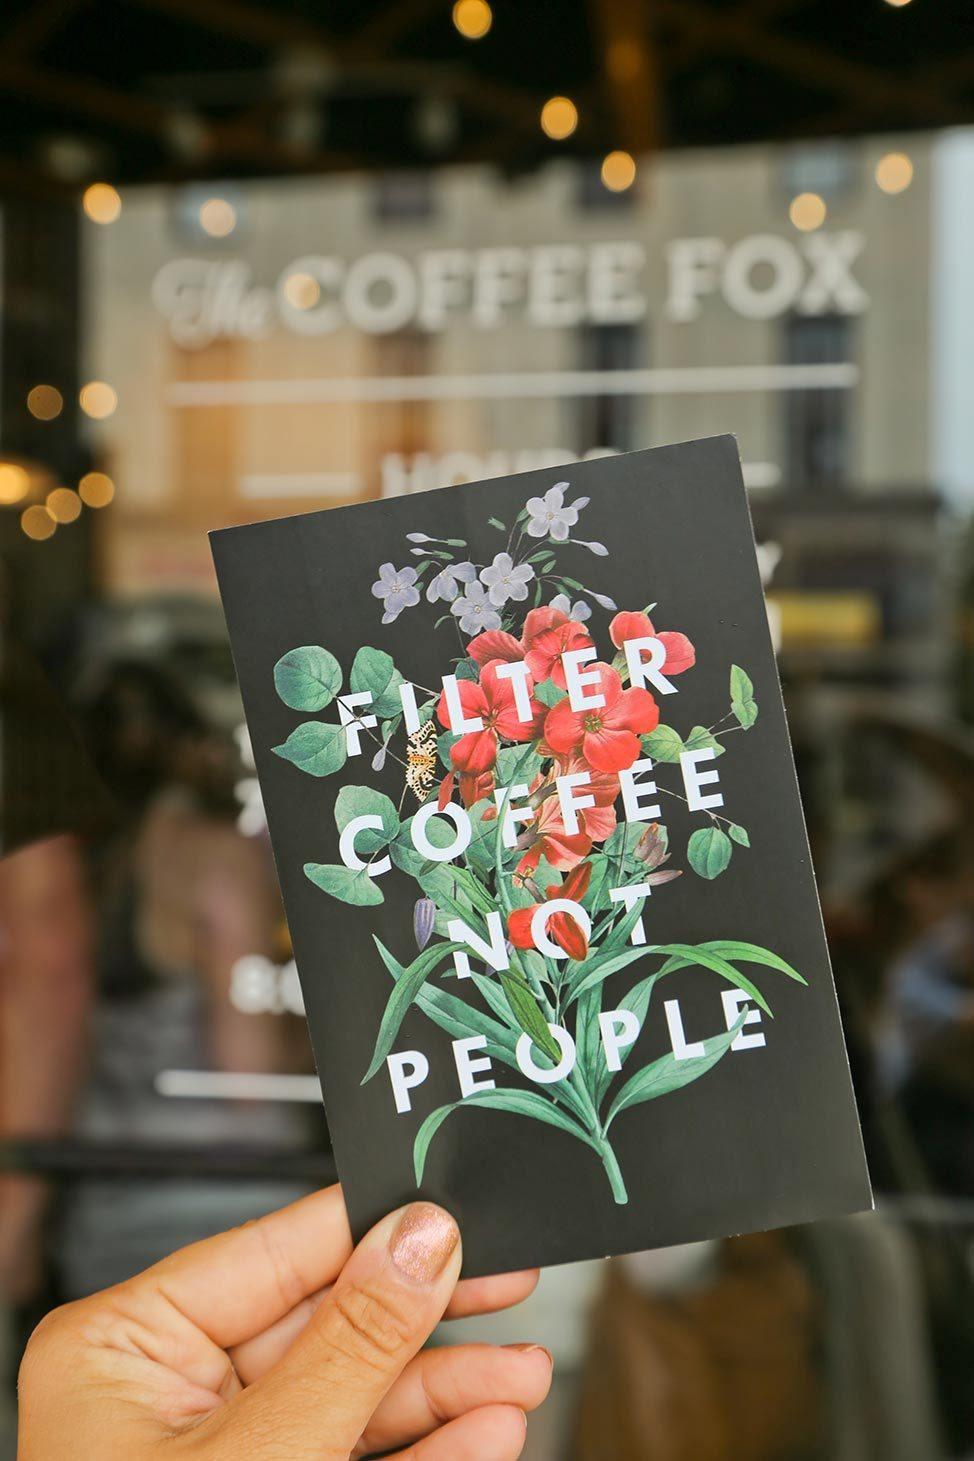 The Coffee Fox, Savannah, Georgia